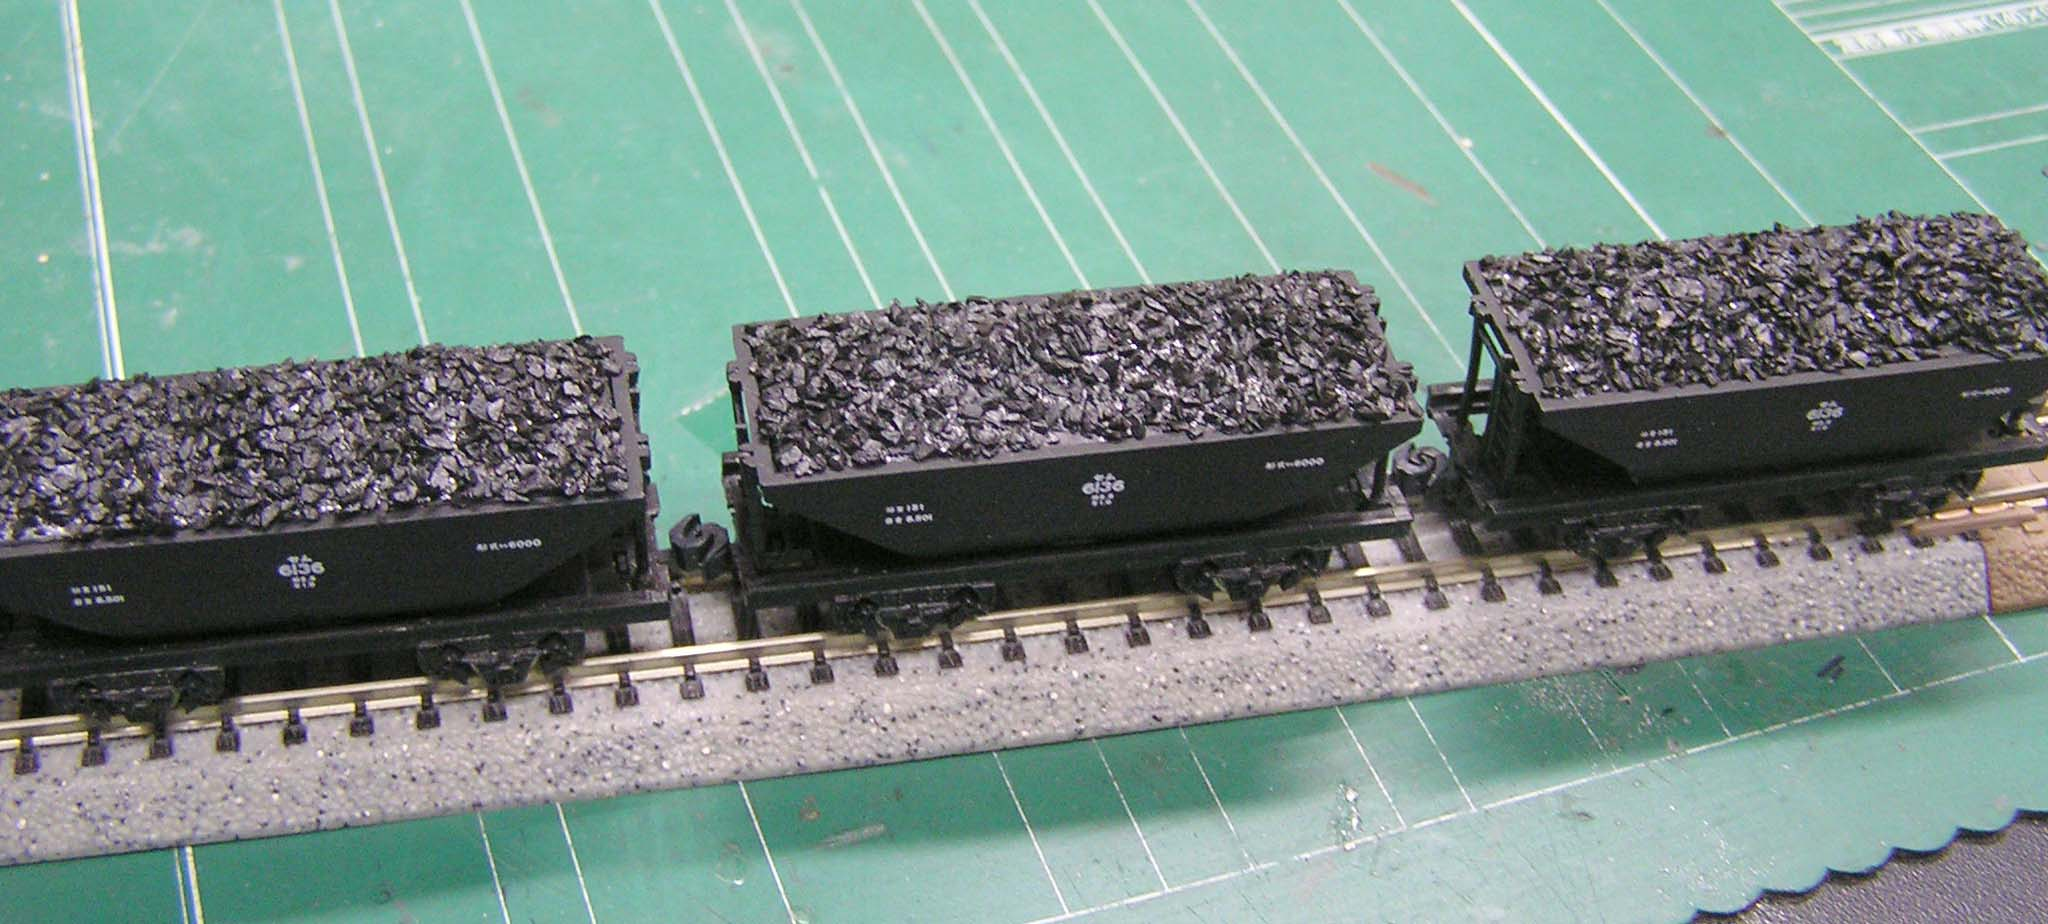 貨車の積み荷_e0137686_9583849.jpg